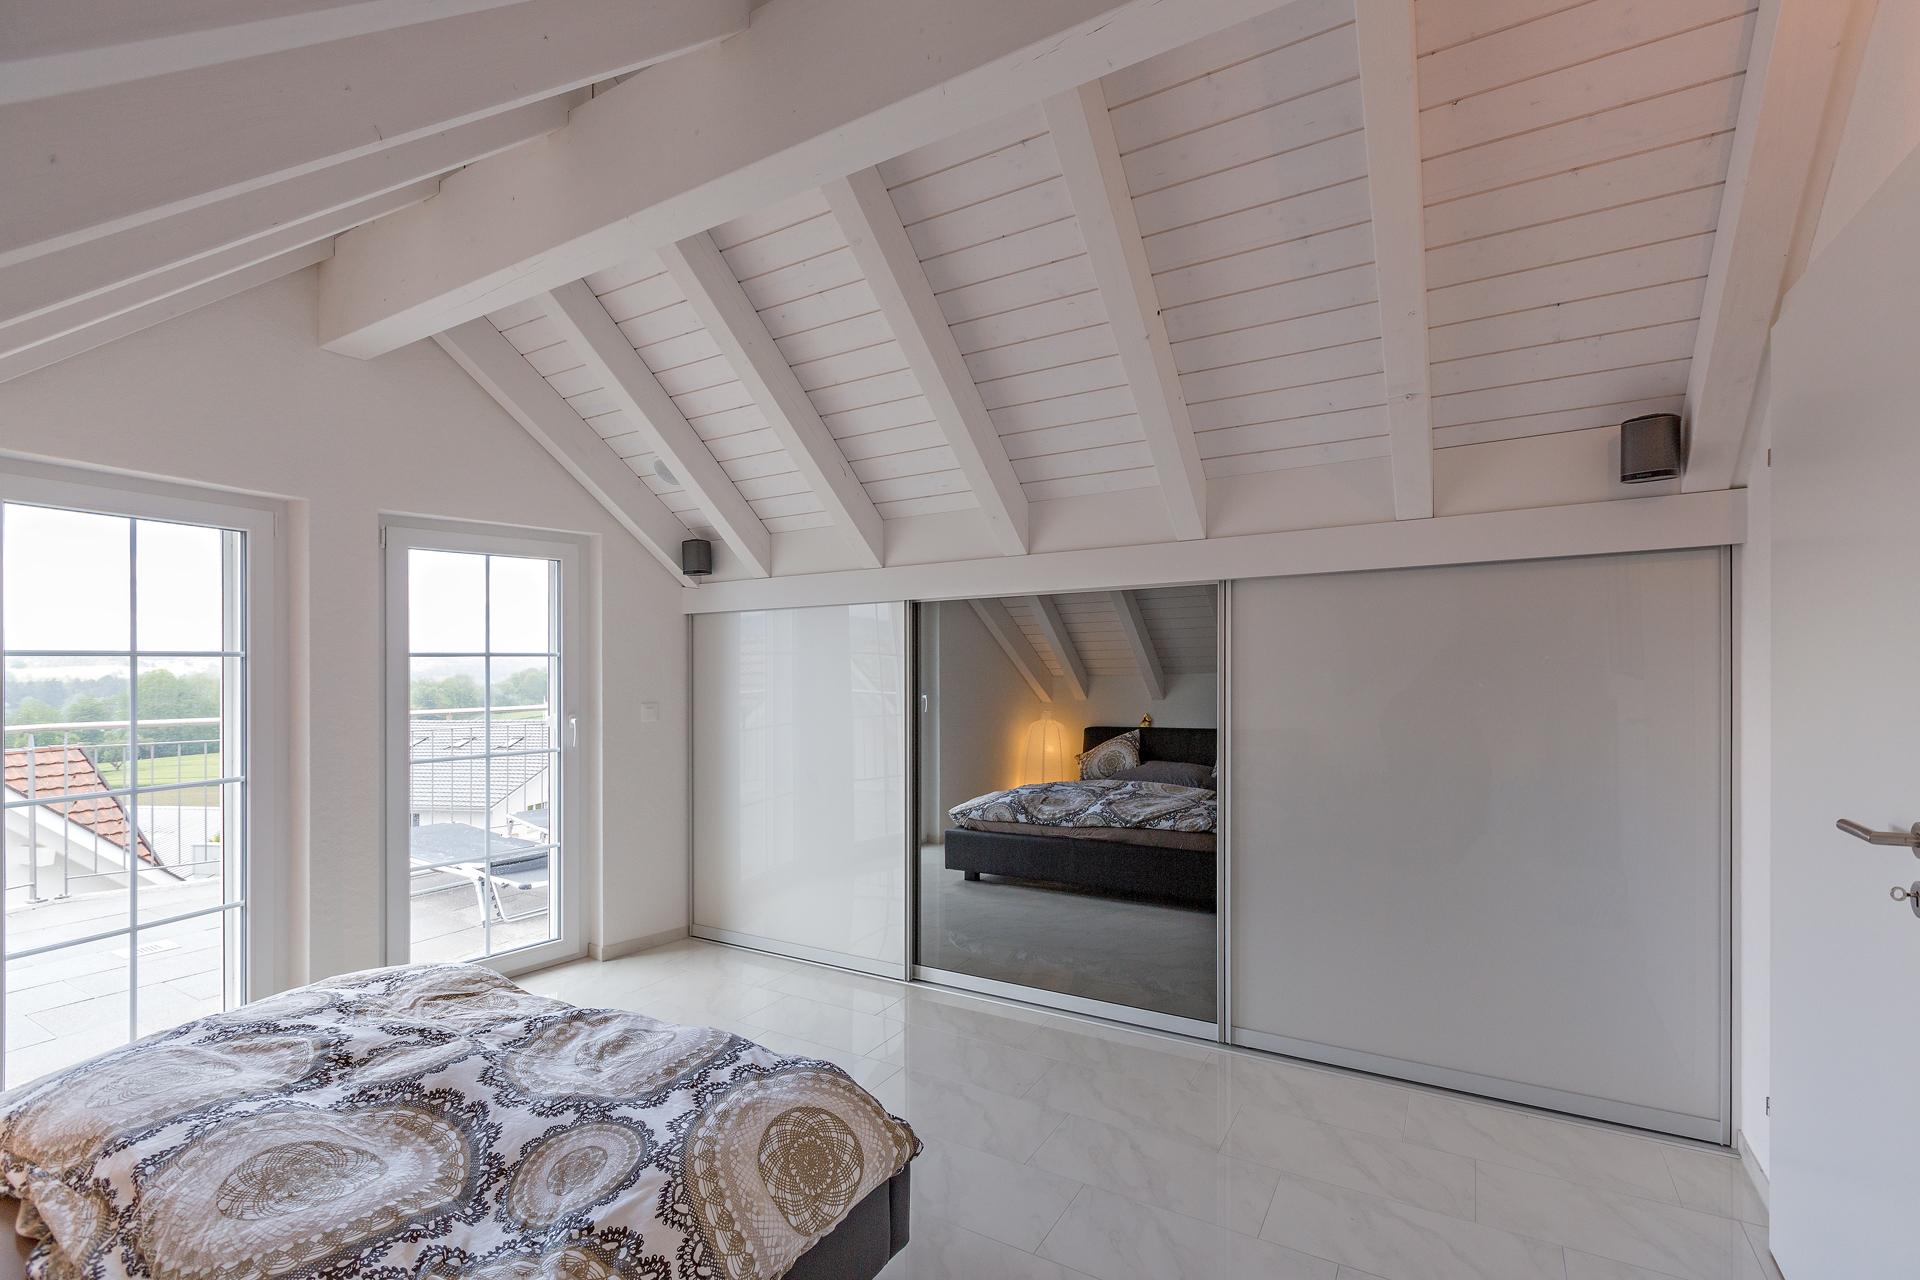 Einbauschrank Für Dachschräge schrank in der dachschräge nach mass dachschrägenschrank für kleider